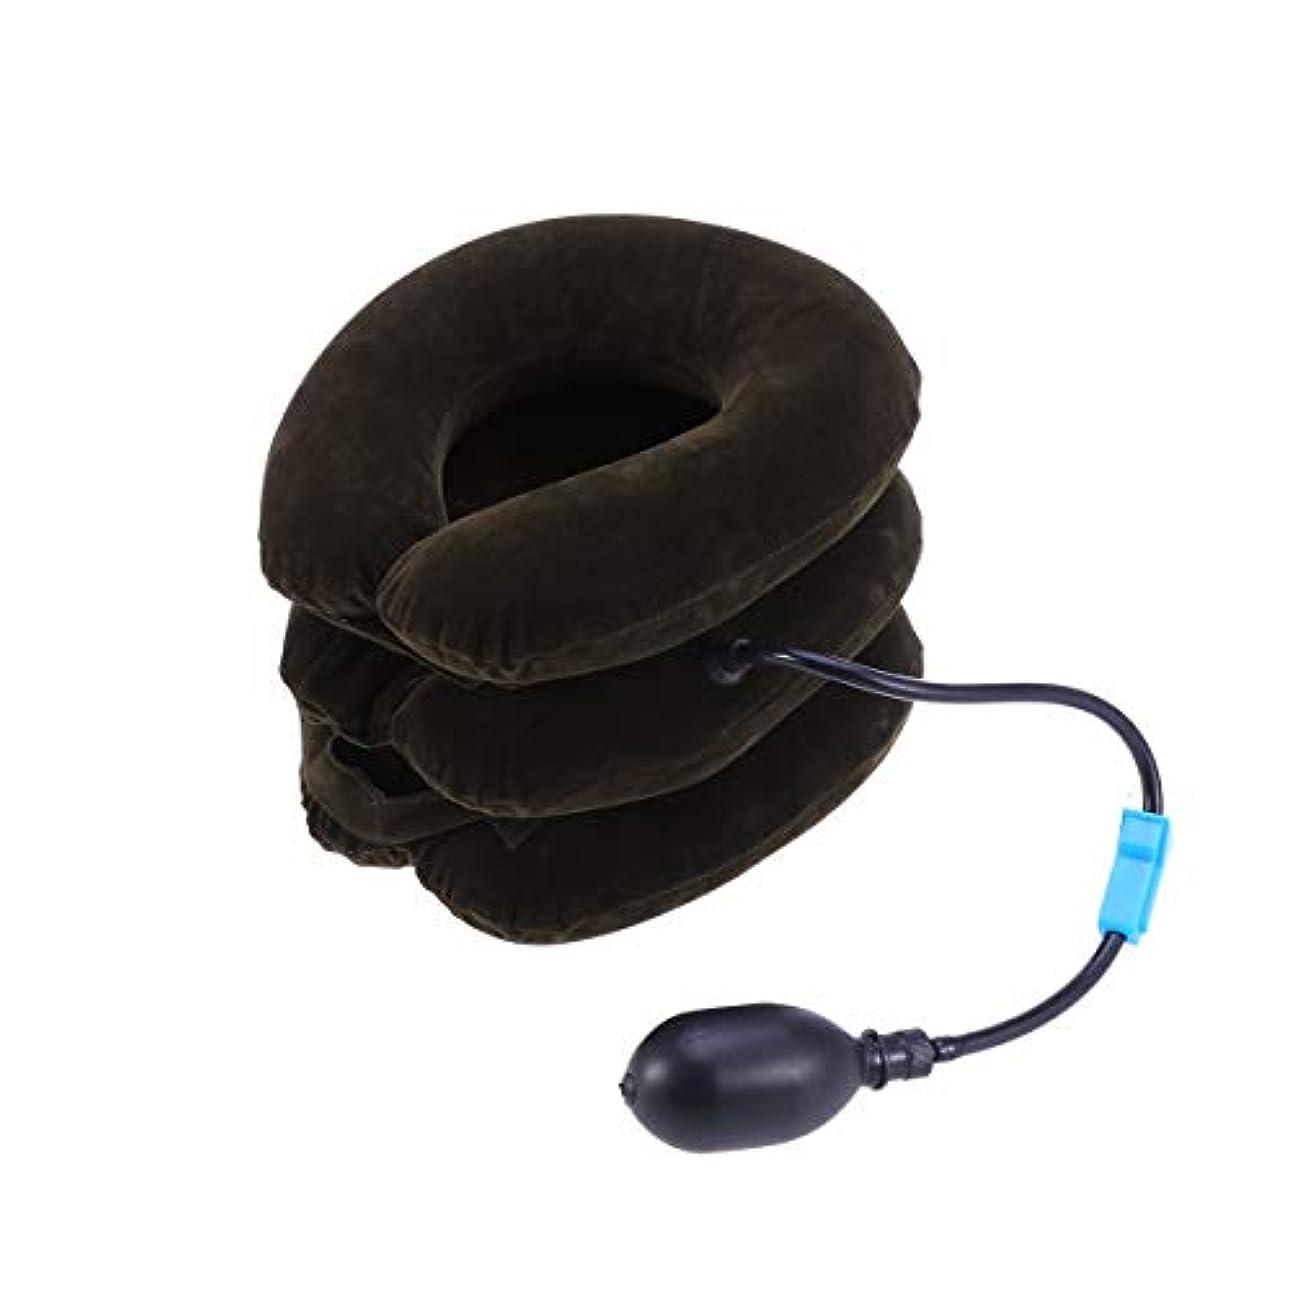 科学的解く細胞ポンプ首のマッサージャーが付いている膨脹可能な頚部首の牽引つばの三層の装具の椎骨サポートベルト